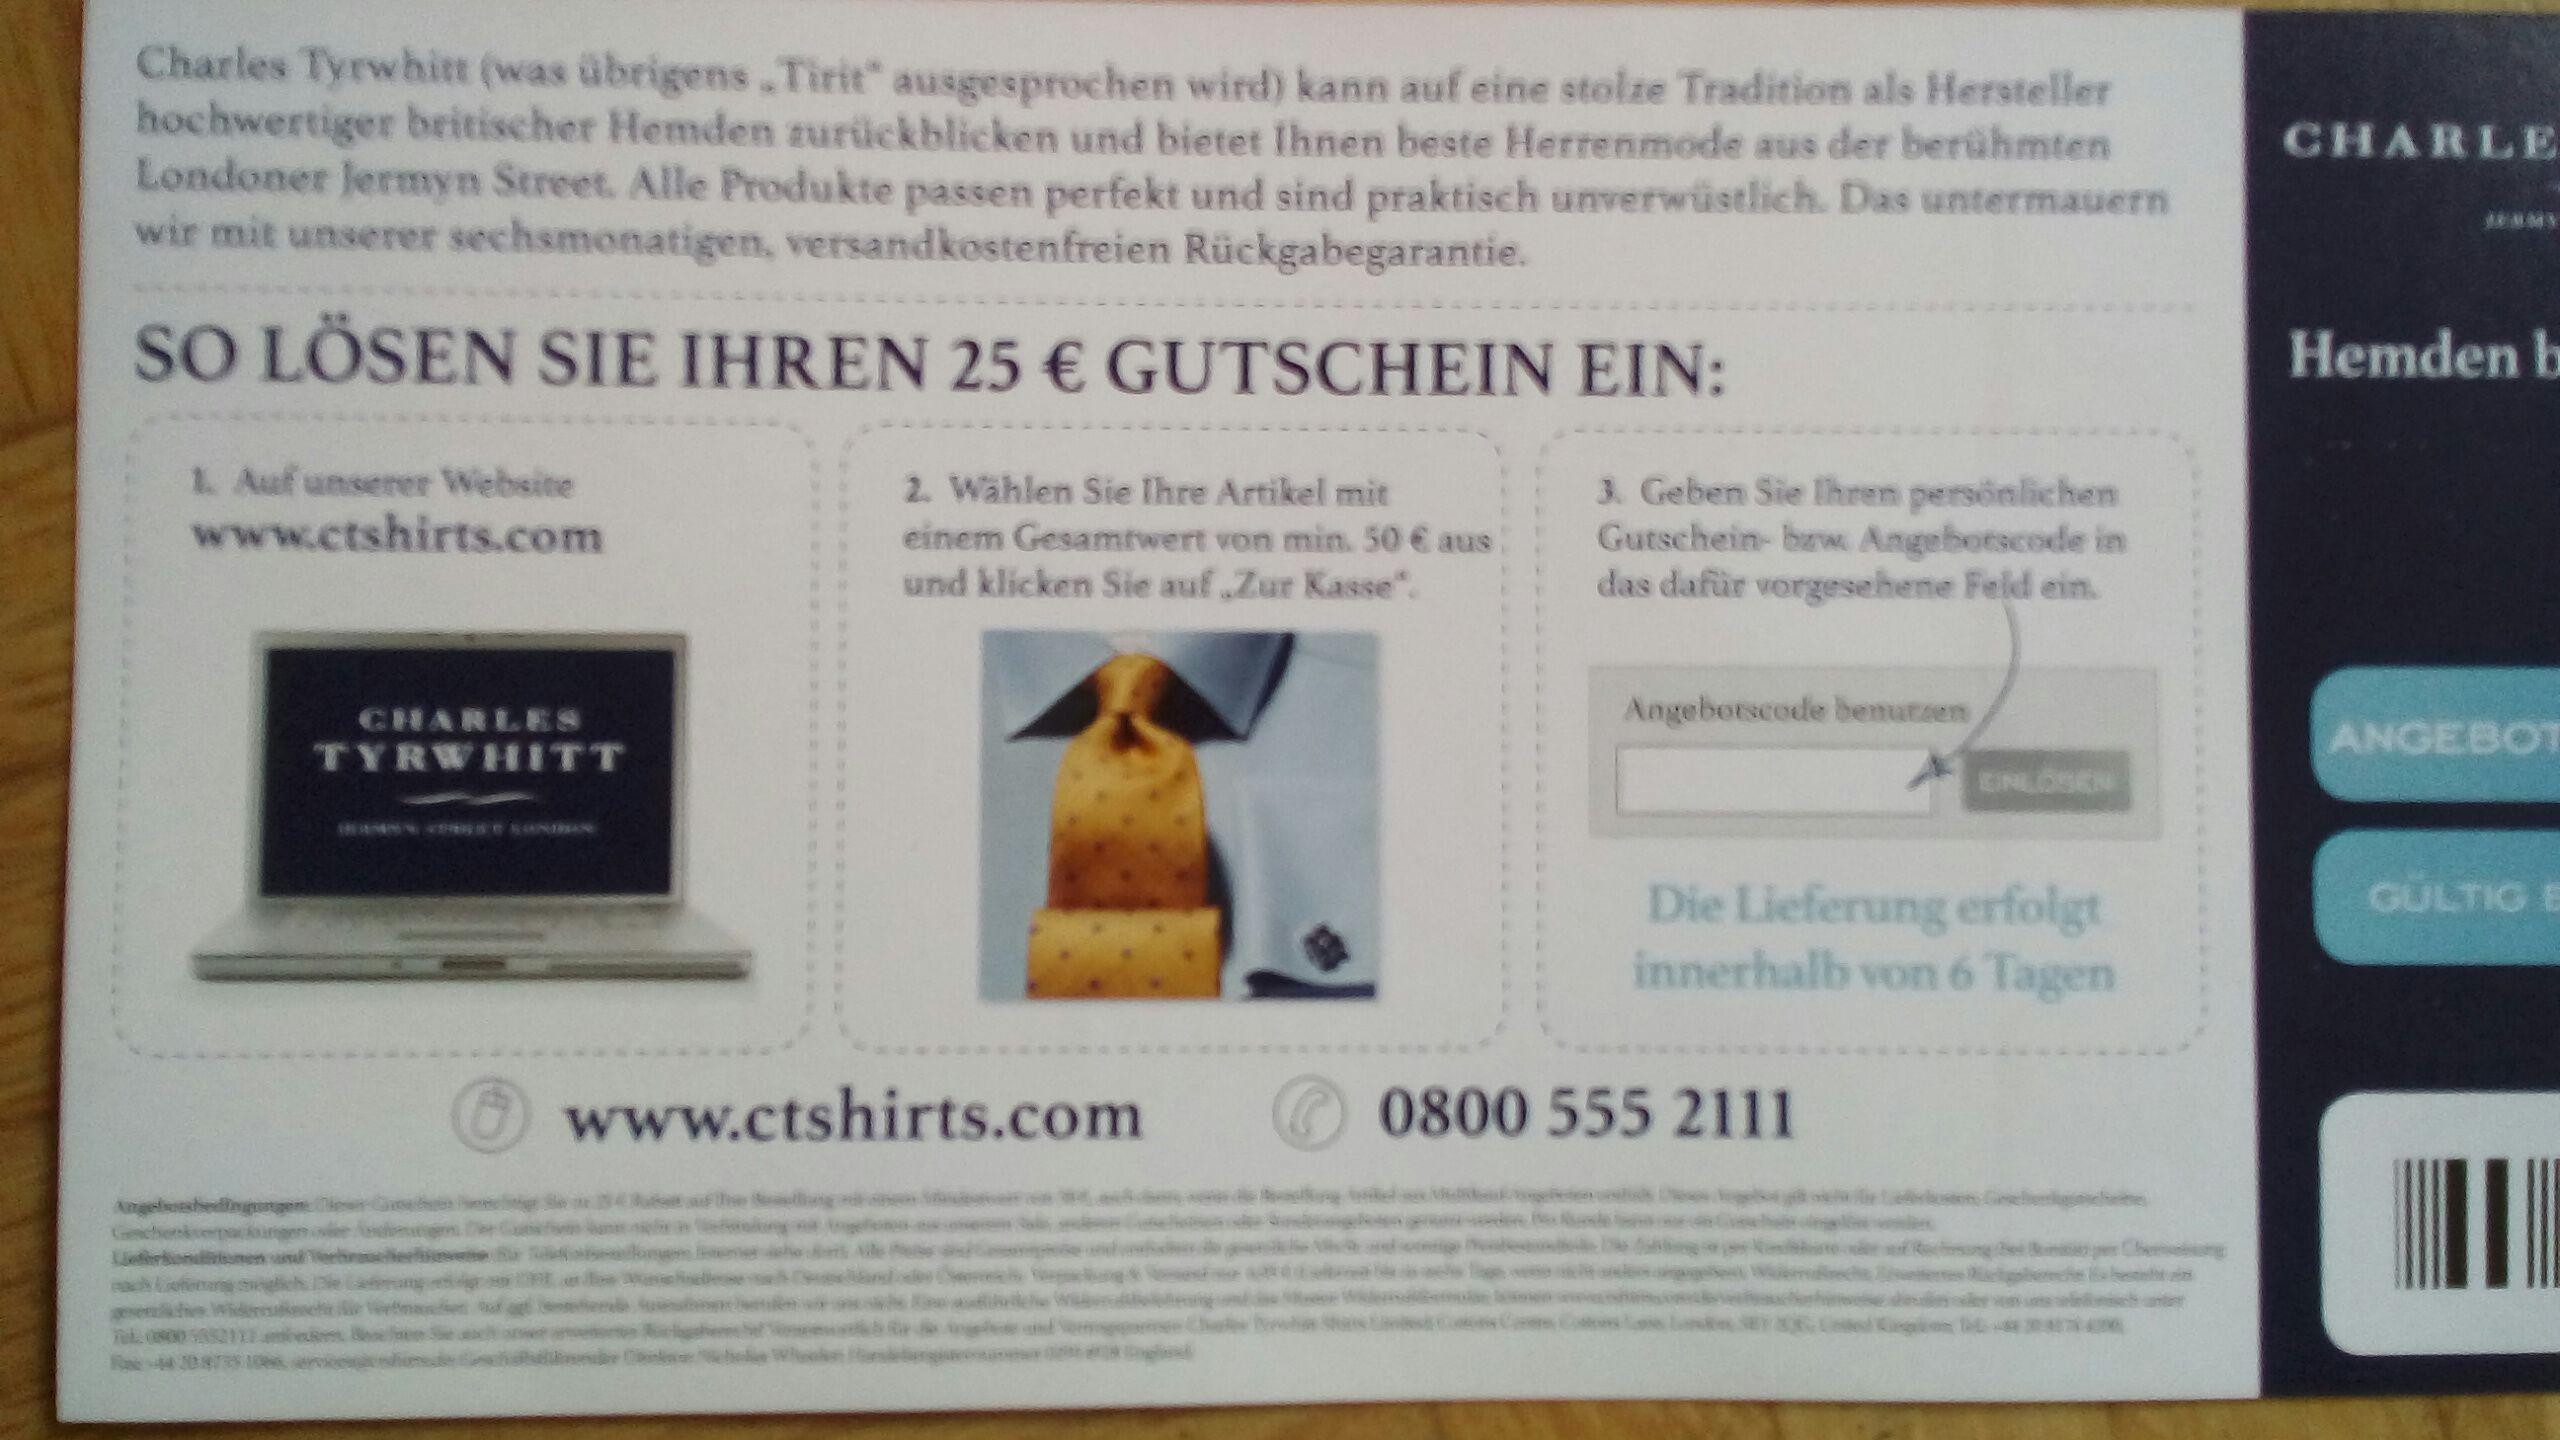 25€ Charles Tyrwhitt Gutschein